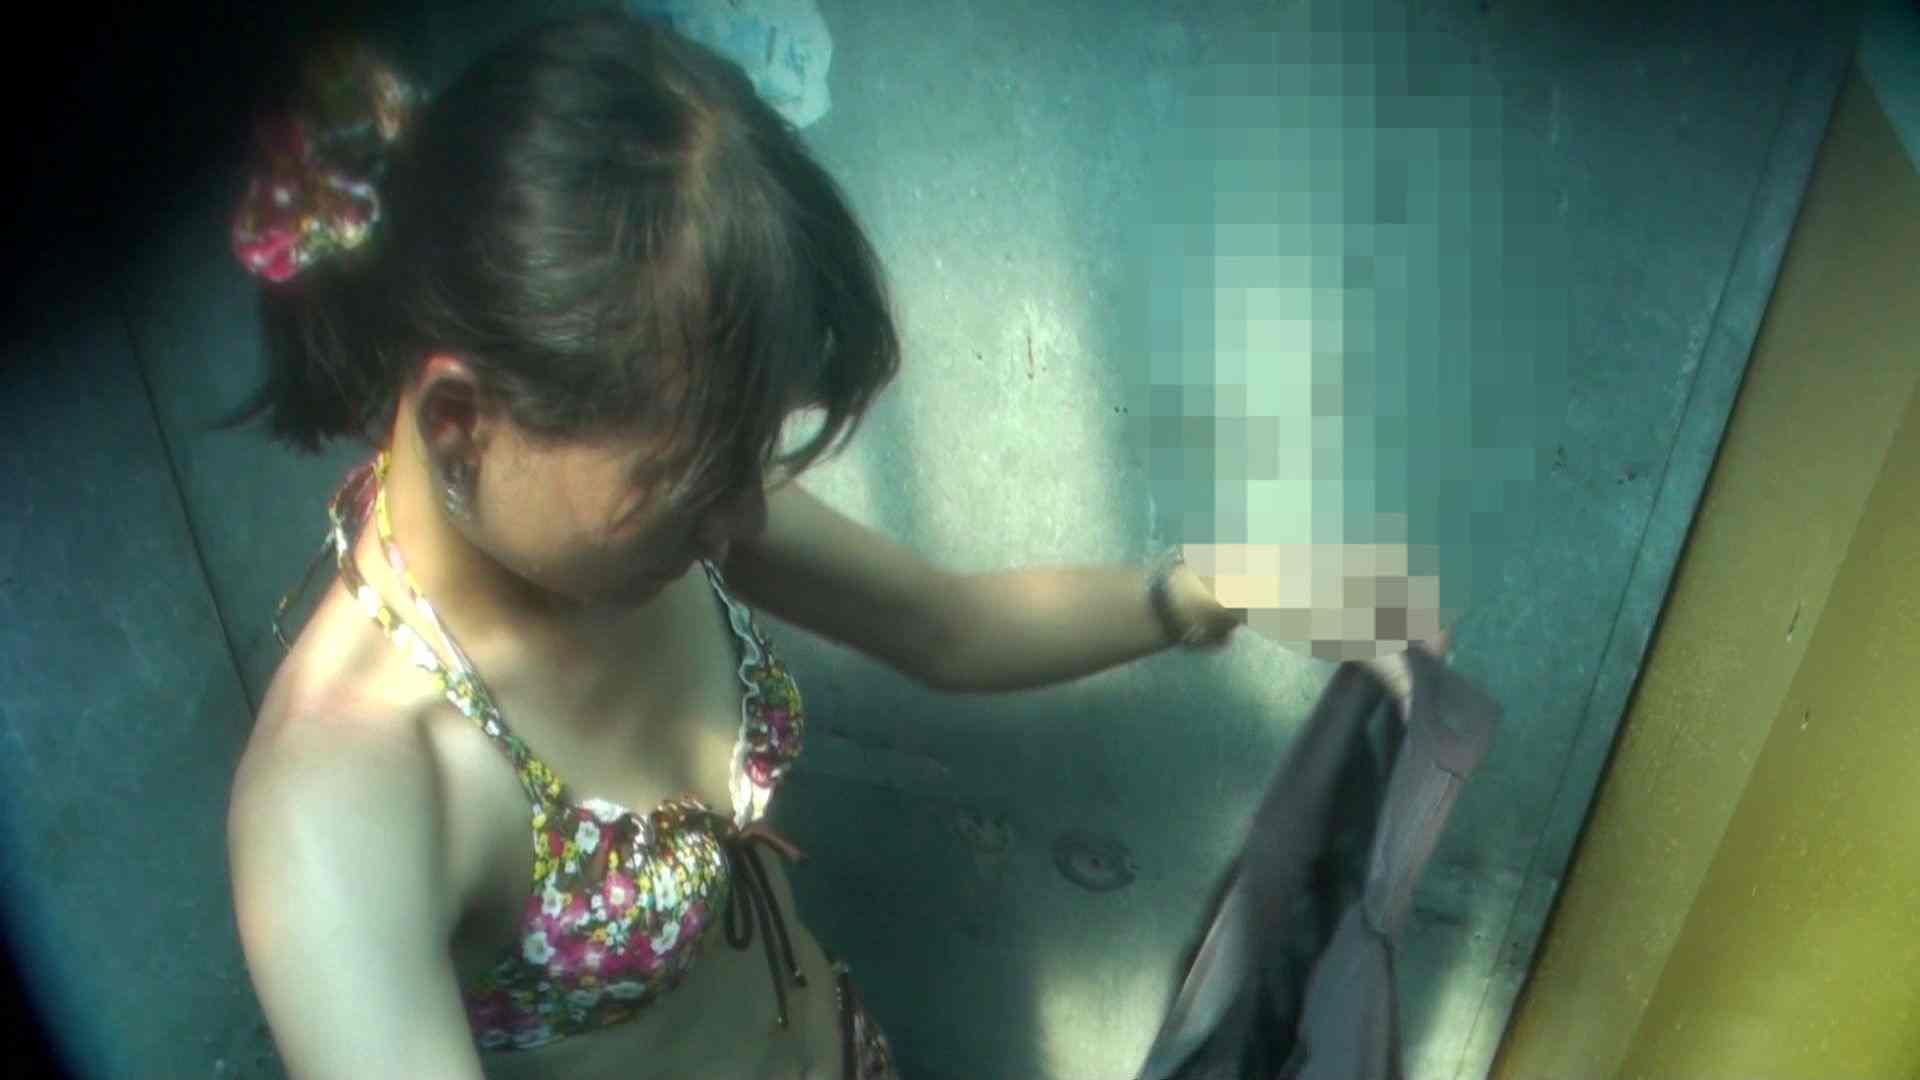 シャワールームは超!!危険な香りVol.16 意外に乳首は年増のそれ 乳首  61pic 52